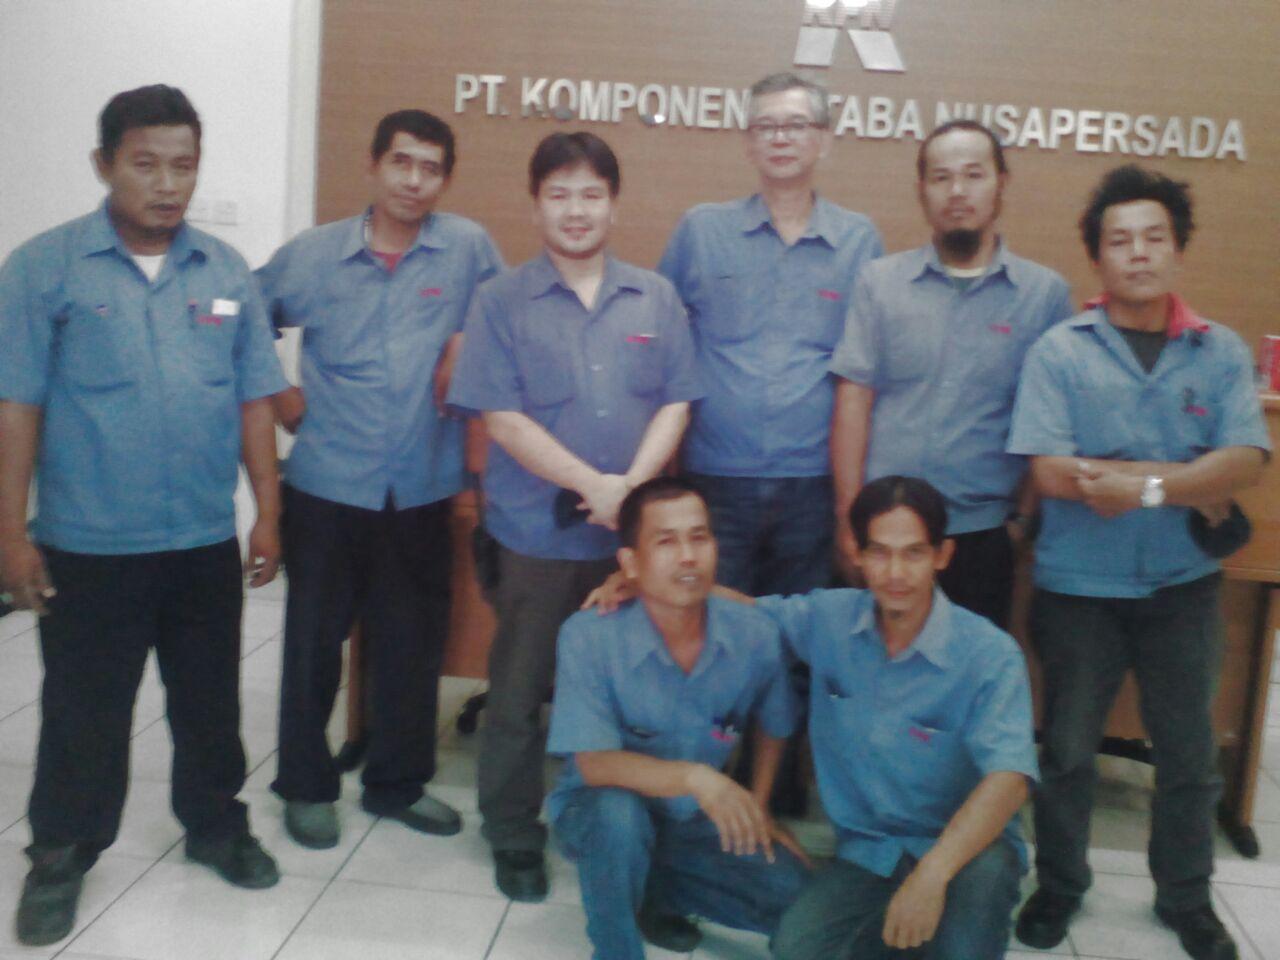 Lowongan Kerja Operator Produksi Terbaru PT Komponen Futaba Nusapersada